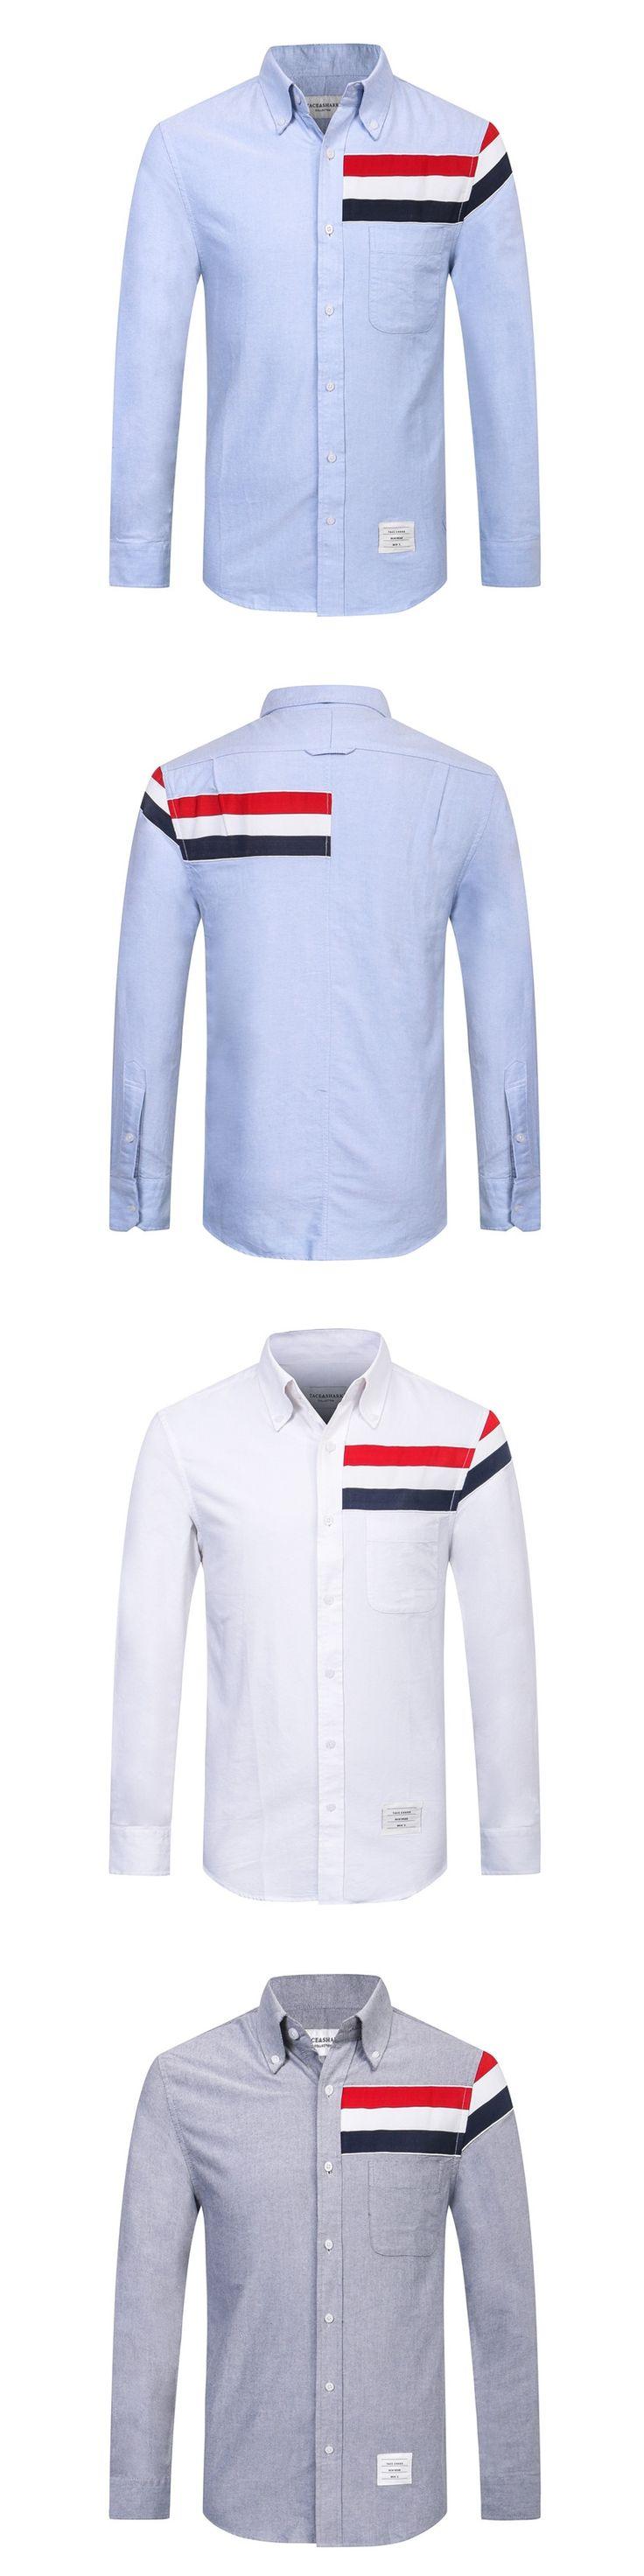 TB171 Spring Autumn Men's Shirt Long Sleeve Brand Tace & Shark Dress Shirt Men Slim Fit Cotton Smart Casual Formal Male Shirt